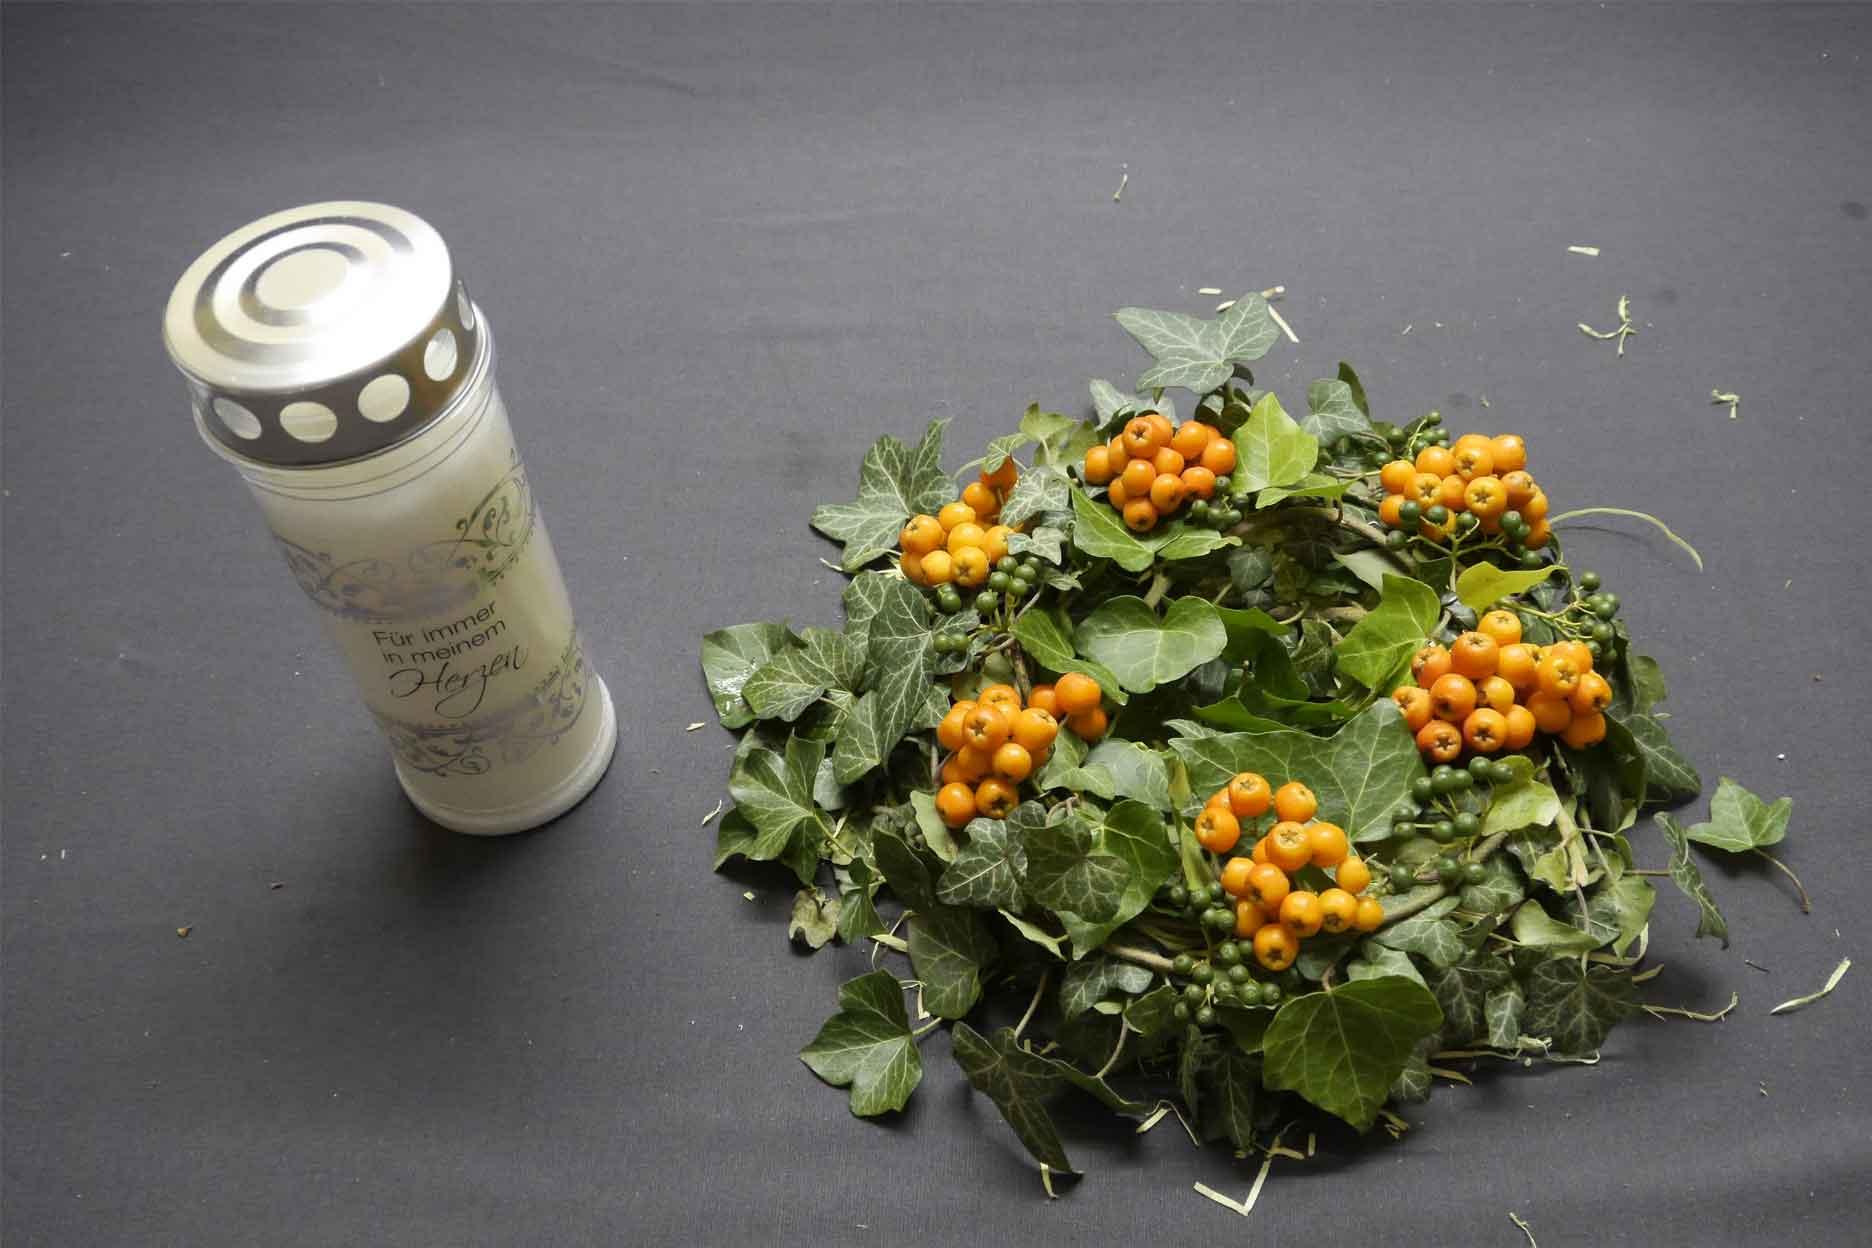 Herbstliche Dekoration Grabschmuck Styroporkranz mit Holzwolle Efeu und Vogelbeeren dekoriert